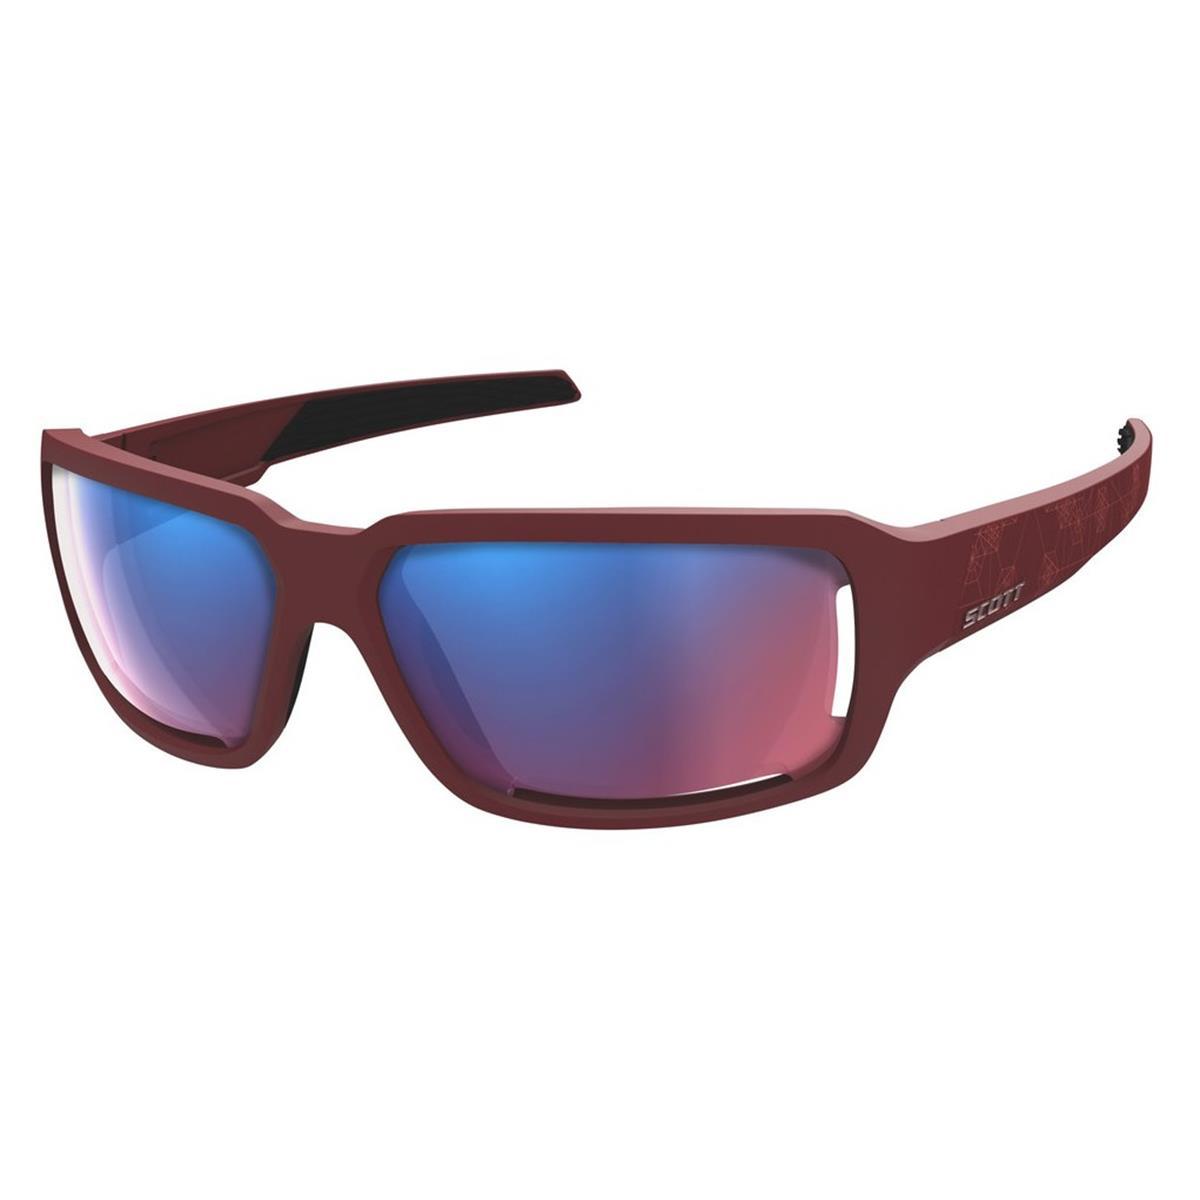 Scott Sonnenbrille Obsess ACS Dunkelrot/Pink Chrom